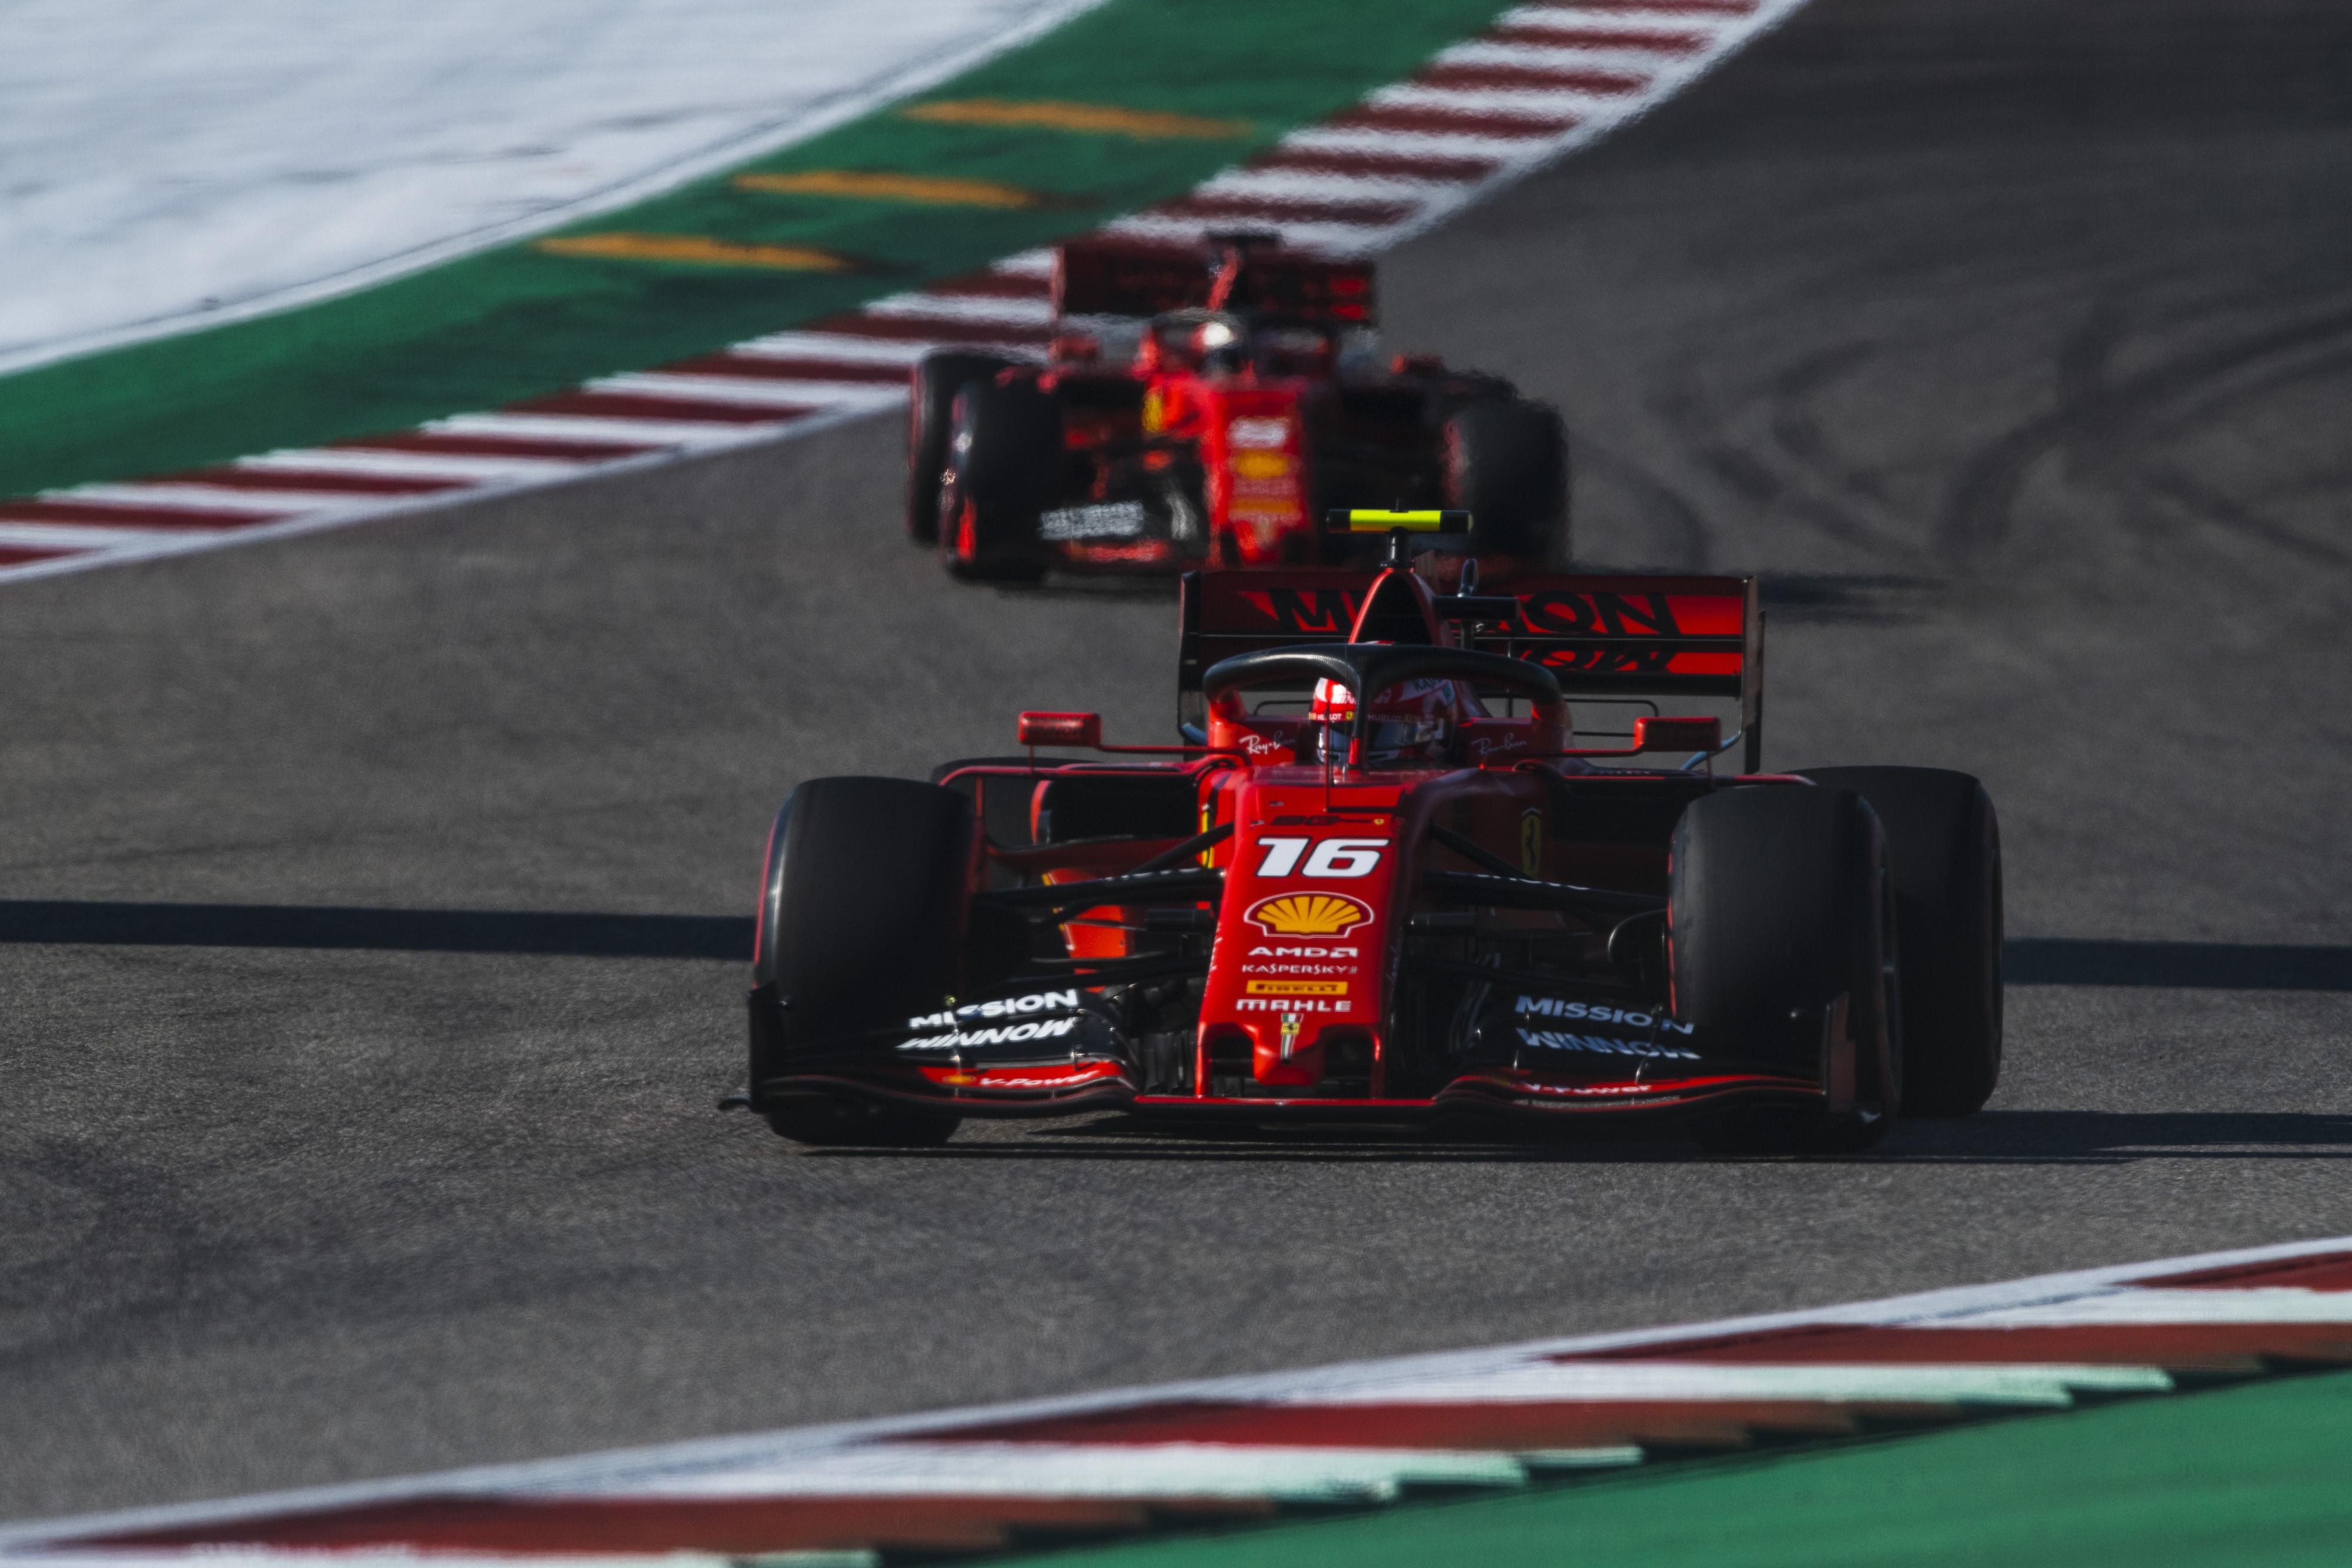 Charles Leclerc et Sebastian Vettel (Ferrari) au Grand Prix des Etats-Unis d'Amérique 2019